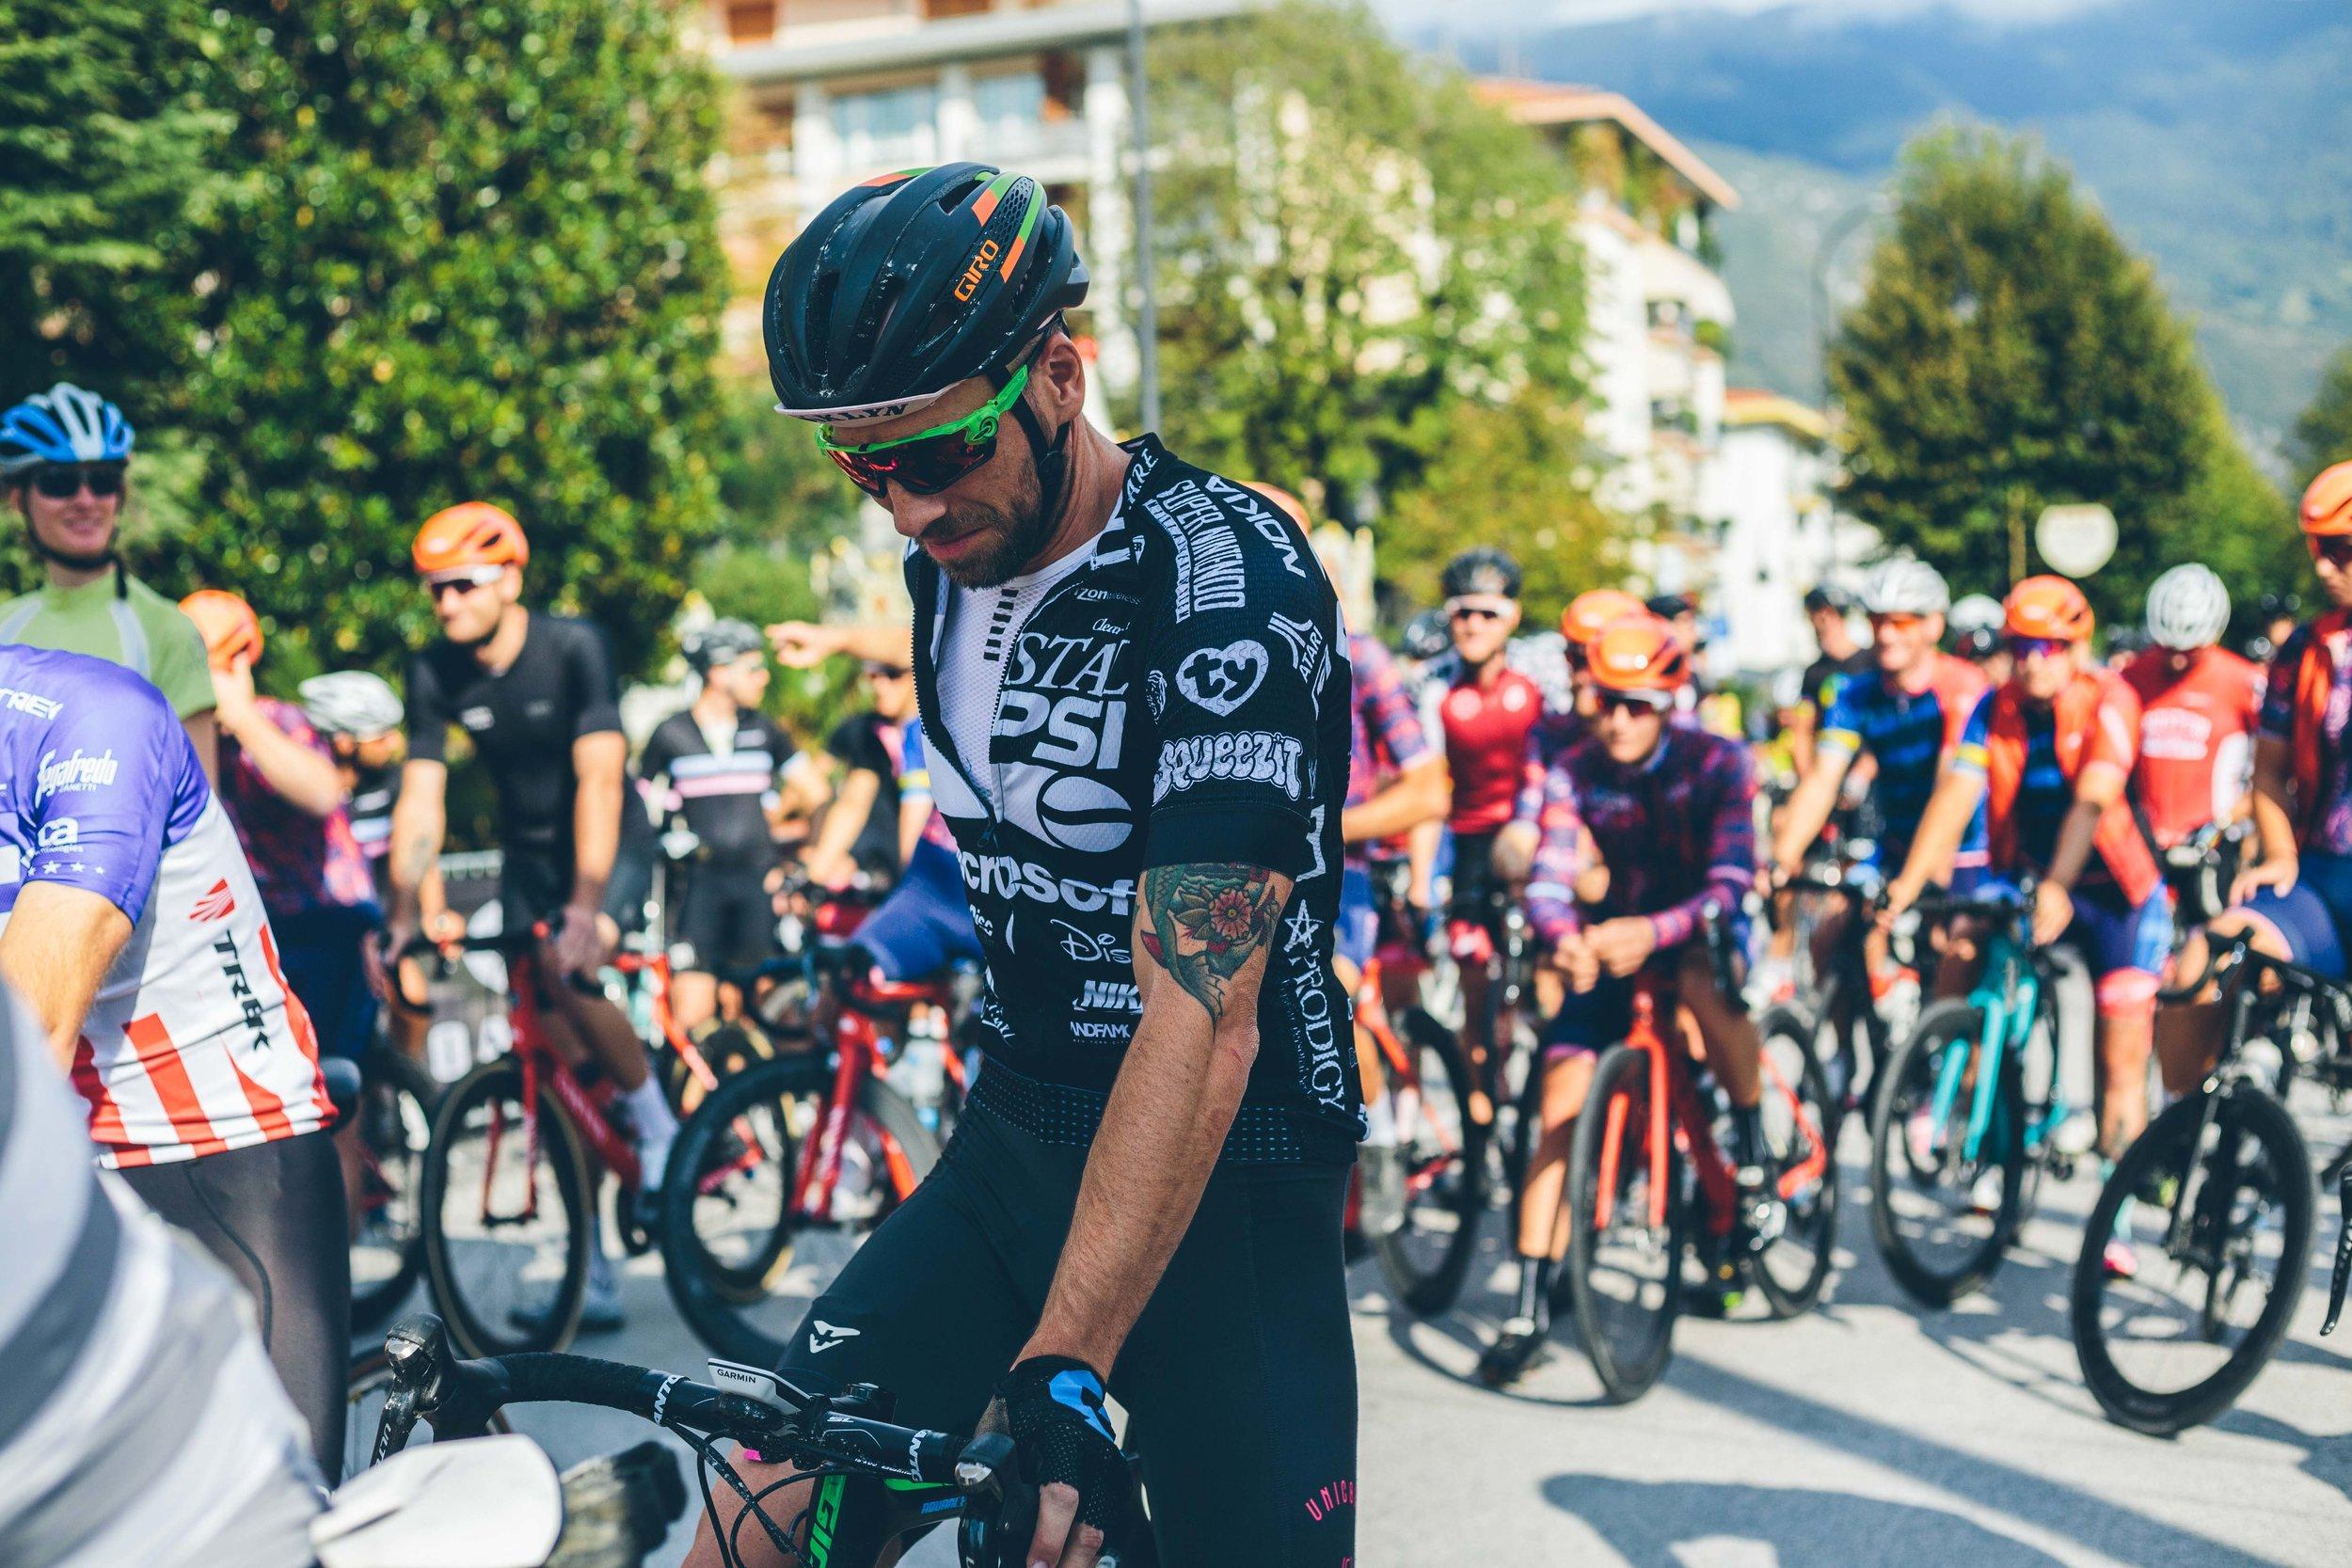 TourDeFriends_Day4_BengtStiller-3074.jpg